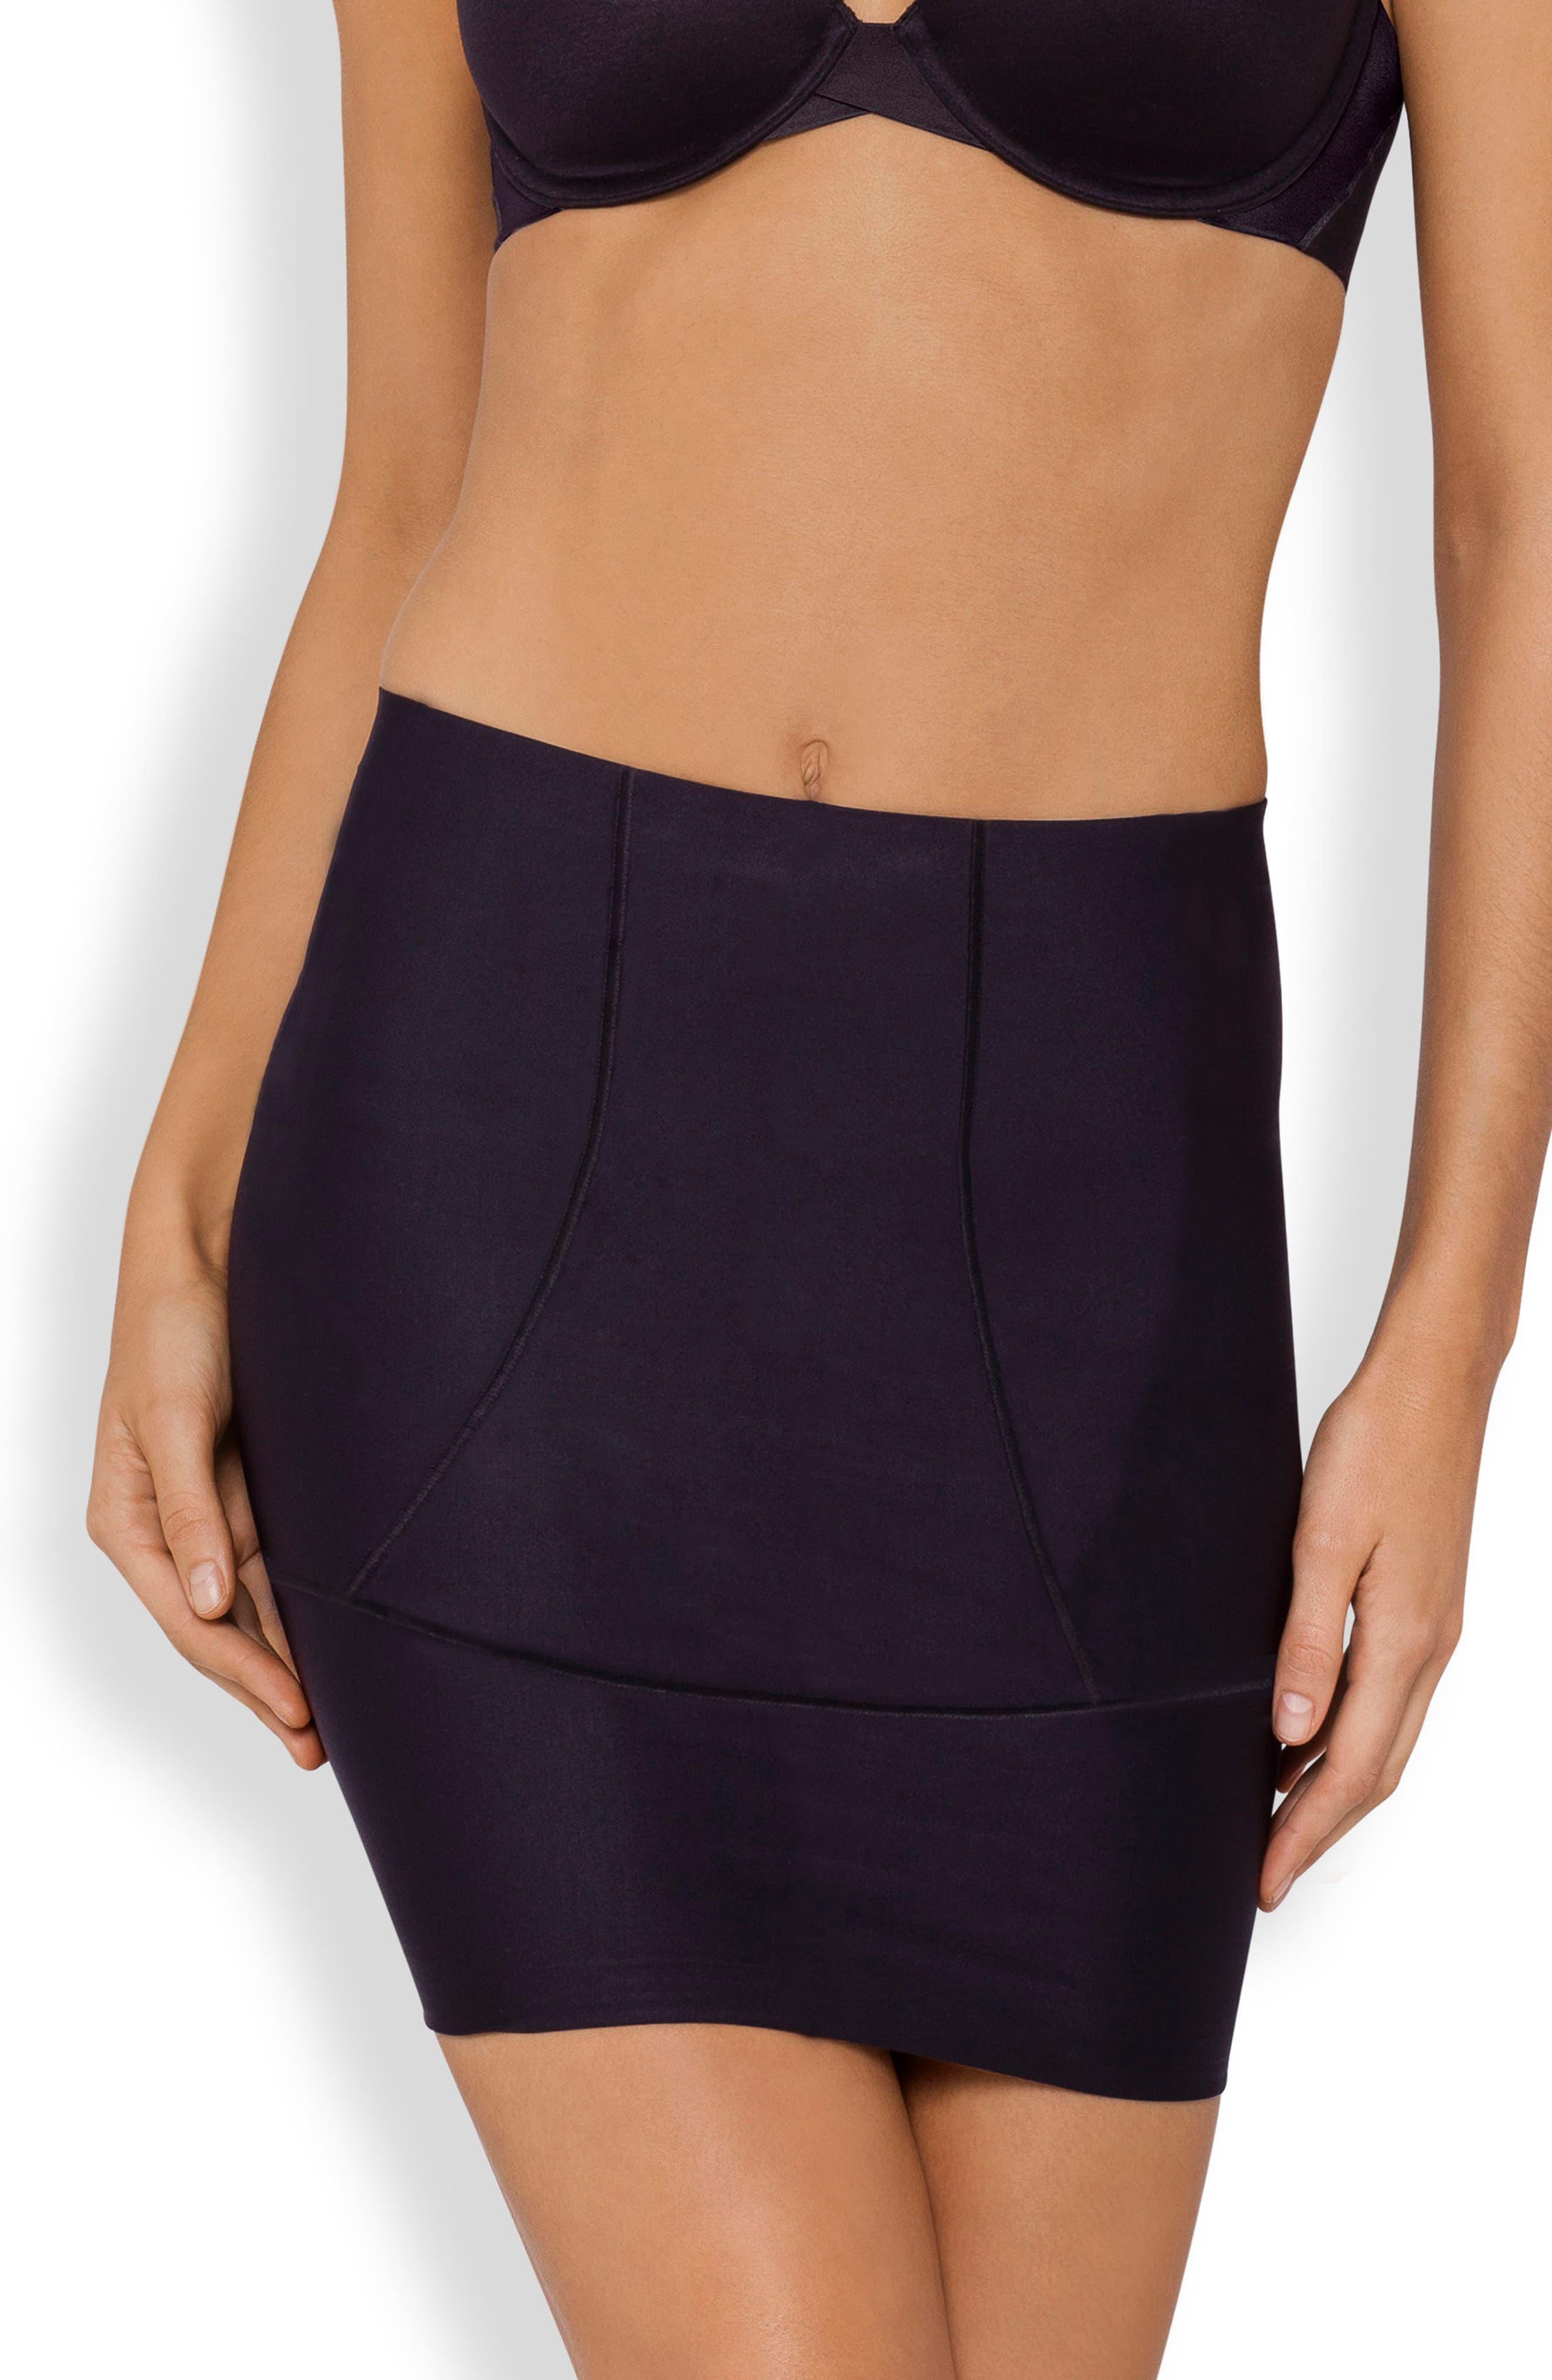 Body Architect Shaper Slip Skirt,                         Main,                         color, Black